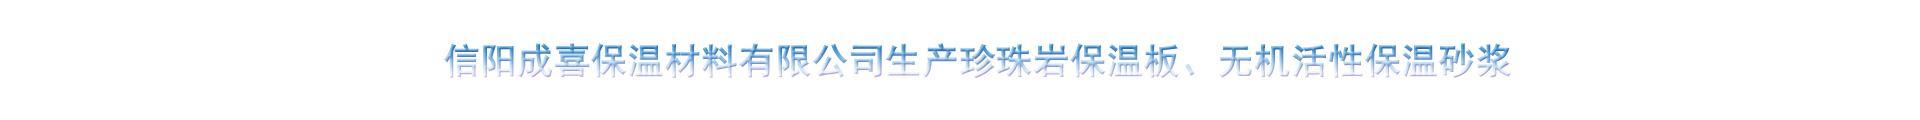 信陽成喜保溫材料有限公司